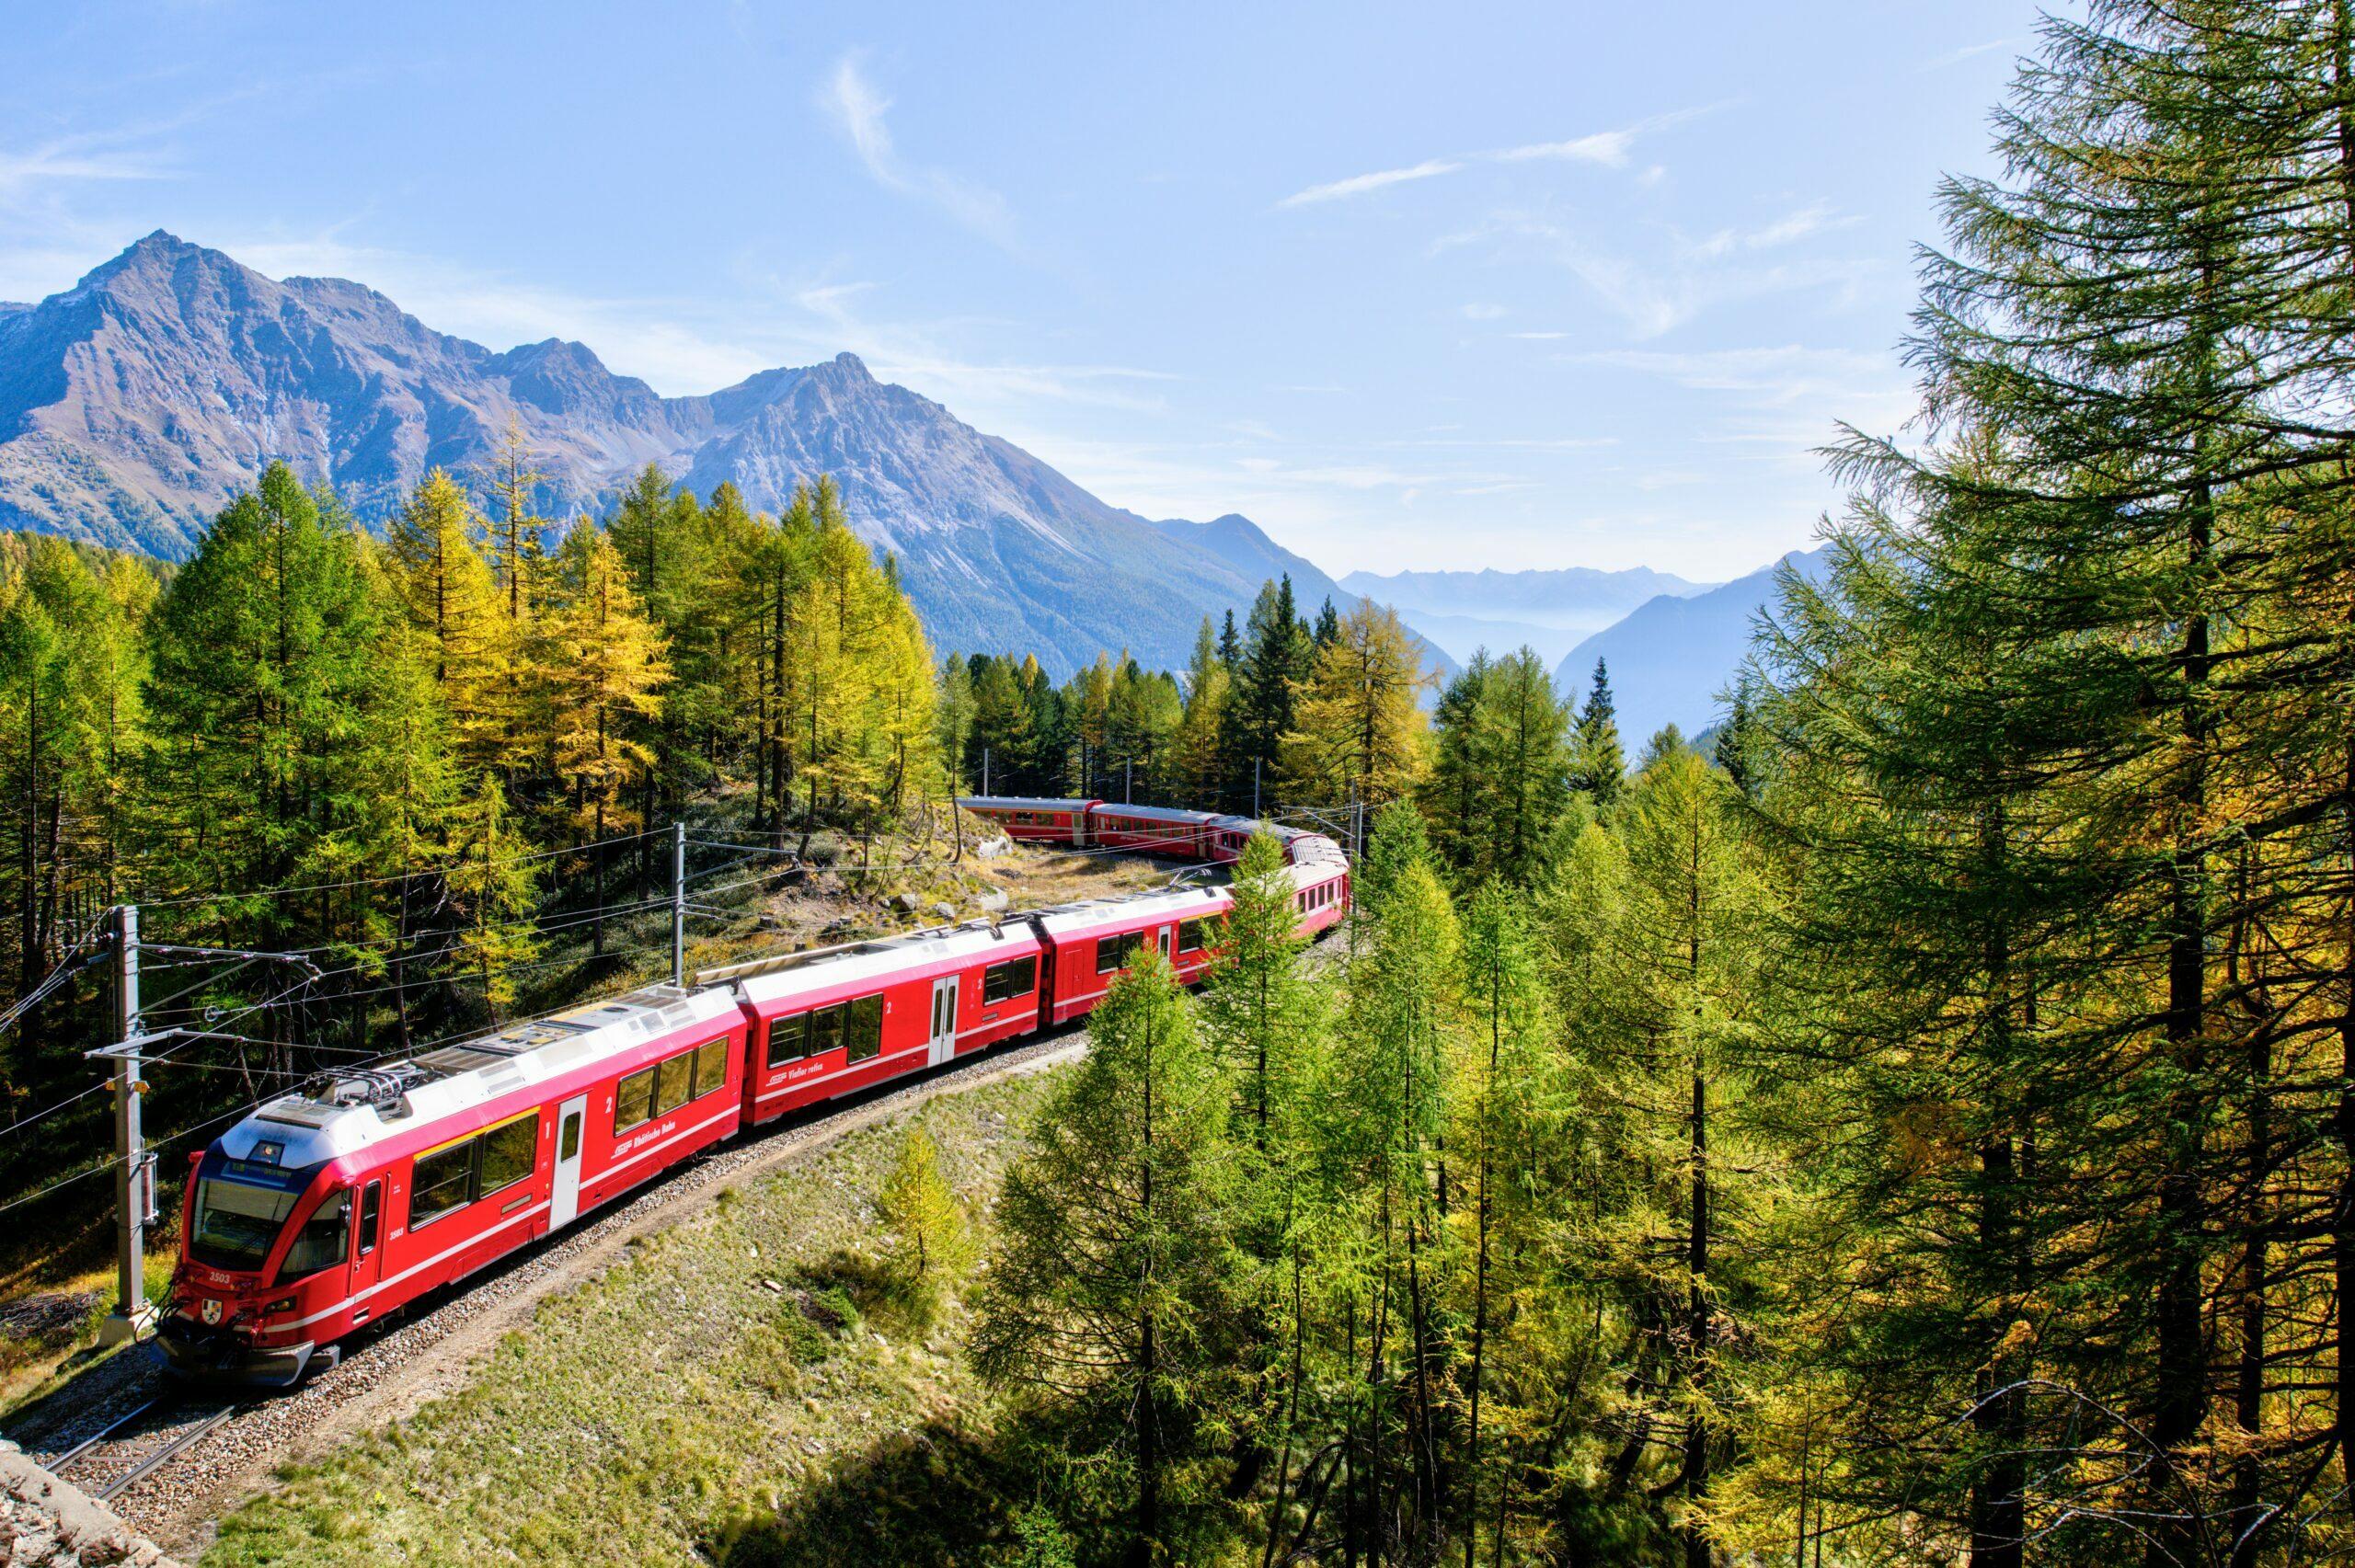 met de trein door Europa